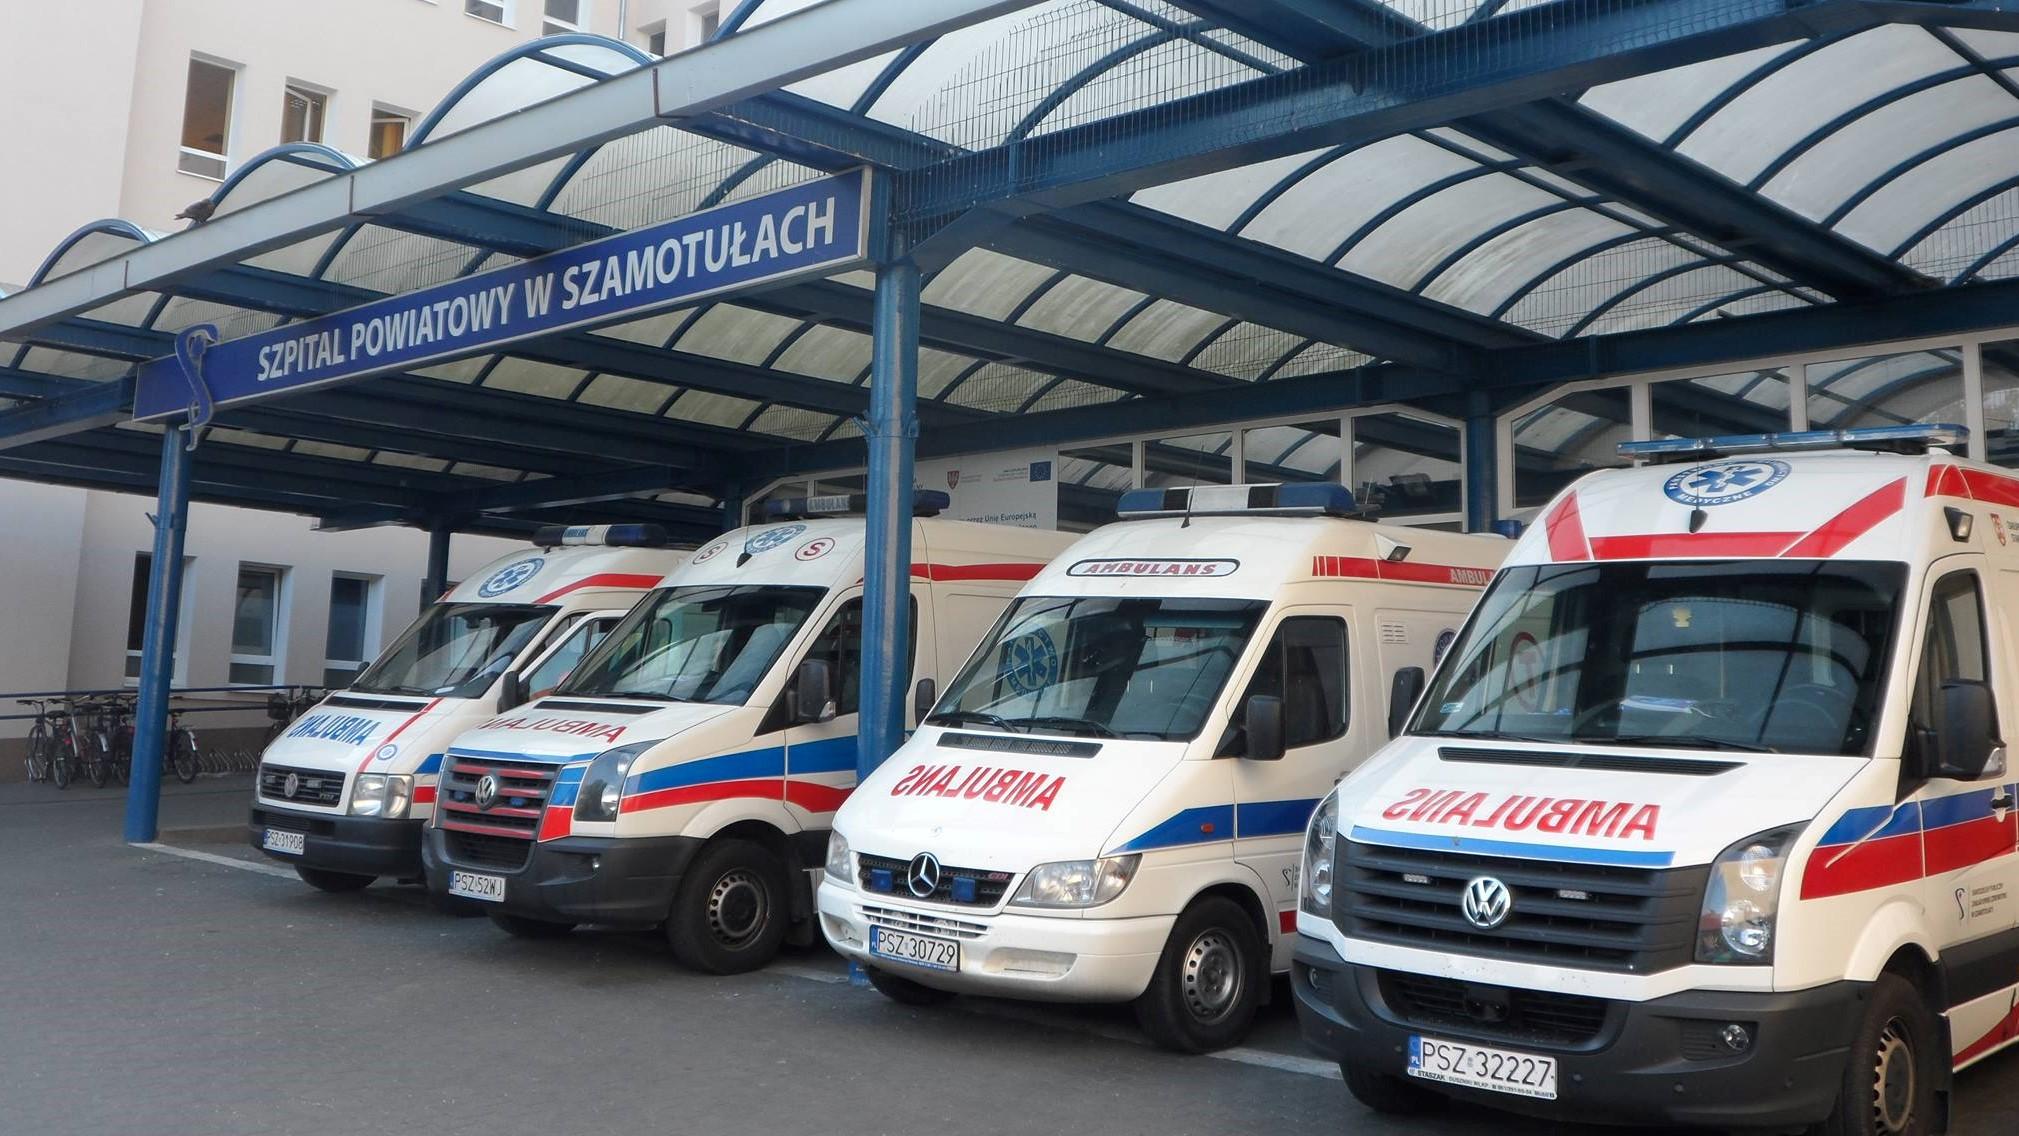 Szpital Powiatowy w Szamotułach - FB: Szpital Powiatowy w Szamotułach